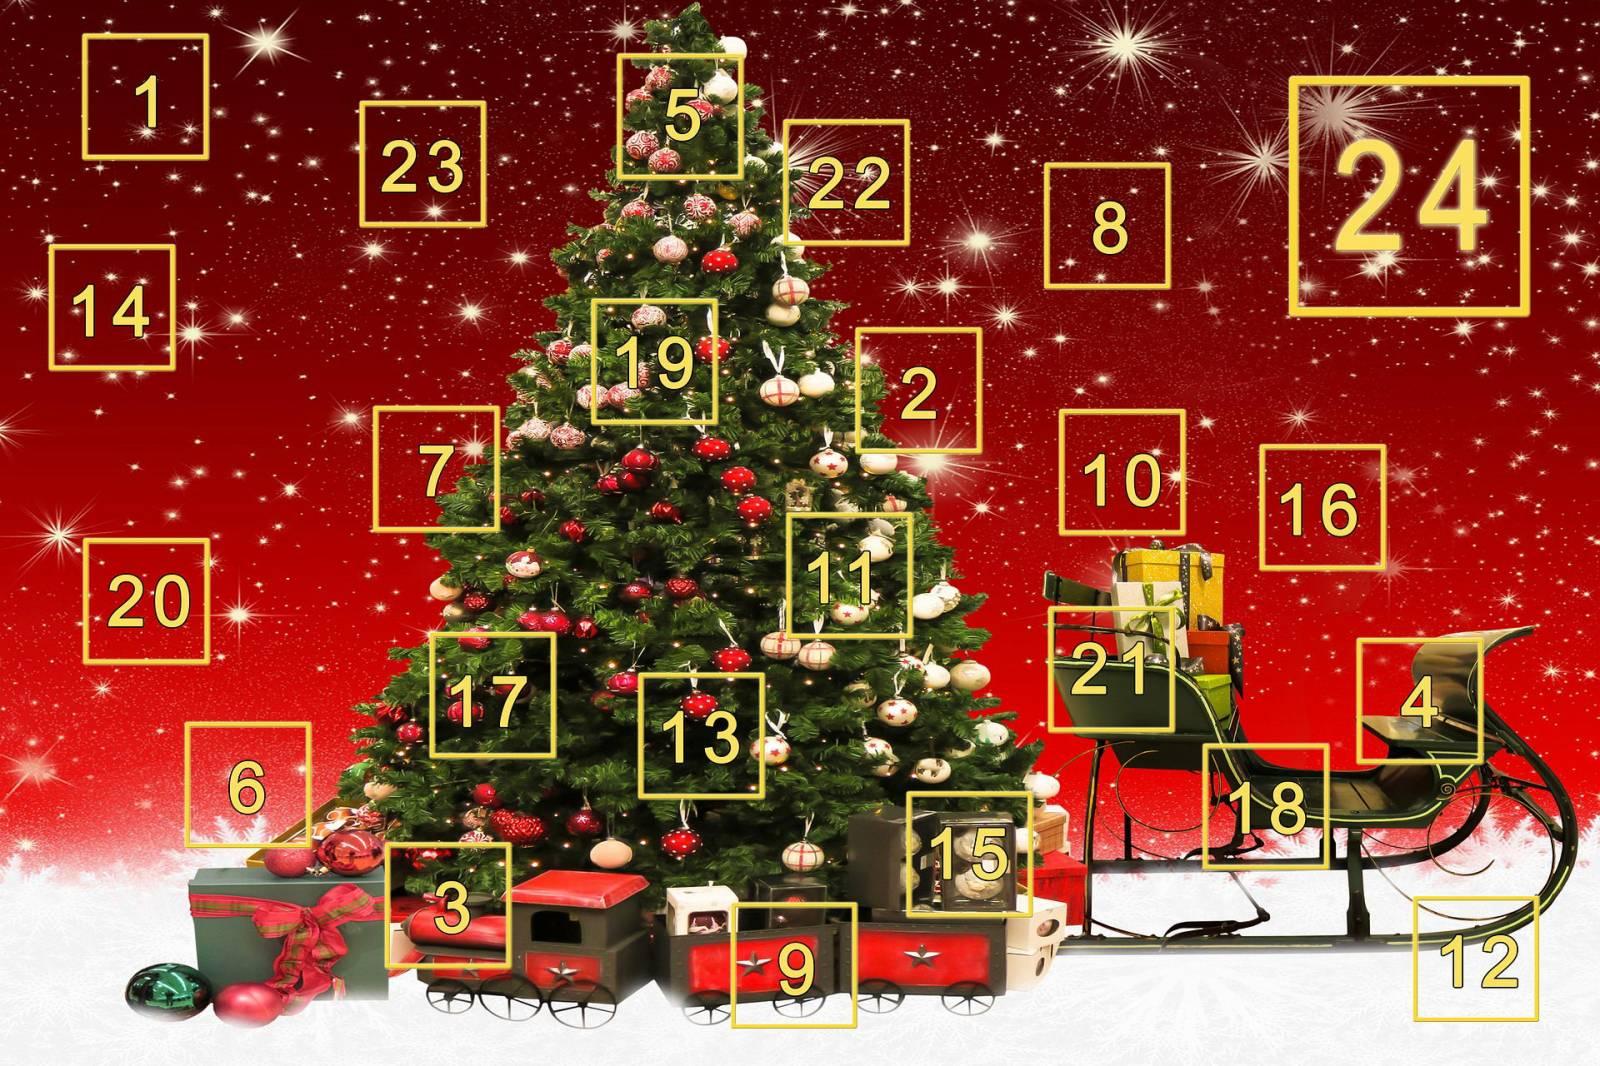 adventi naptár háttérkép Adventi naptár, kalendárium háttérkép   Képeslapküldés   e  adventi naptár háttérkép